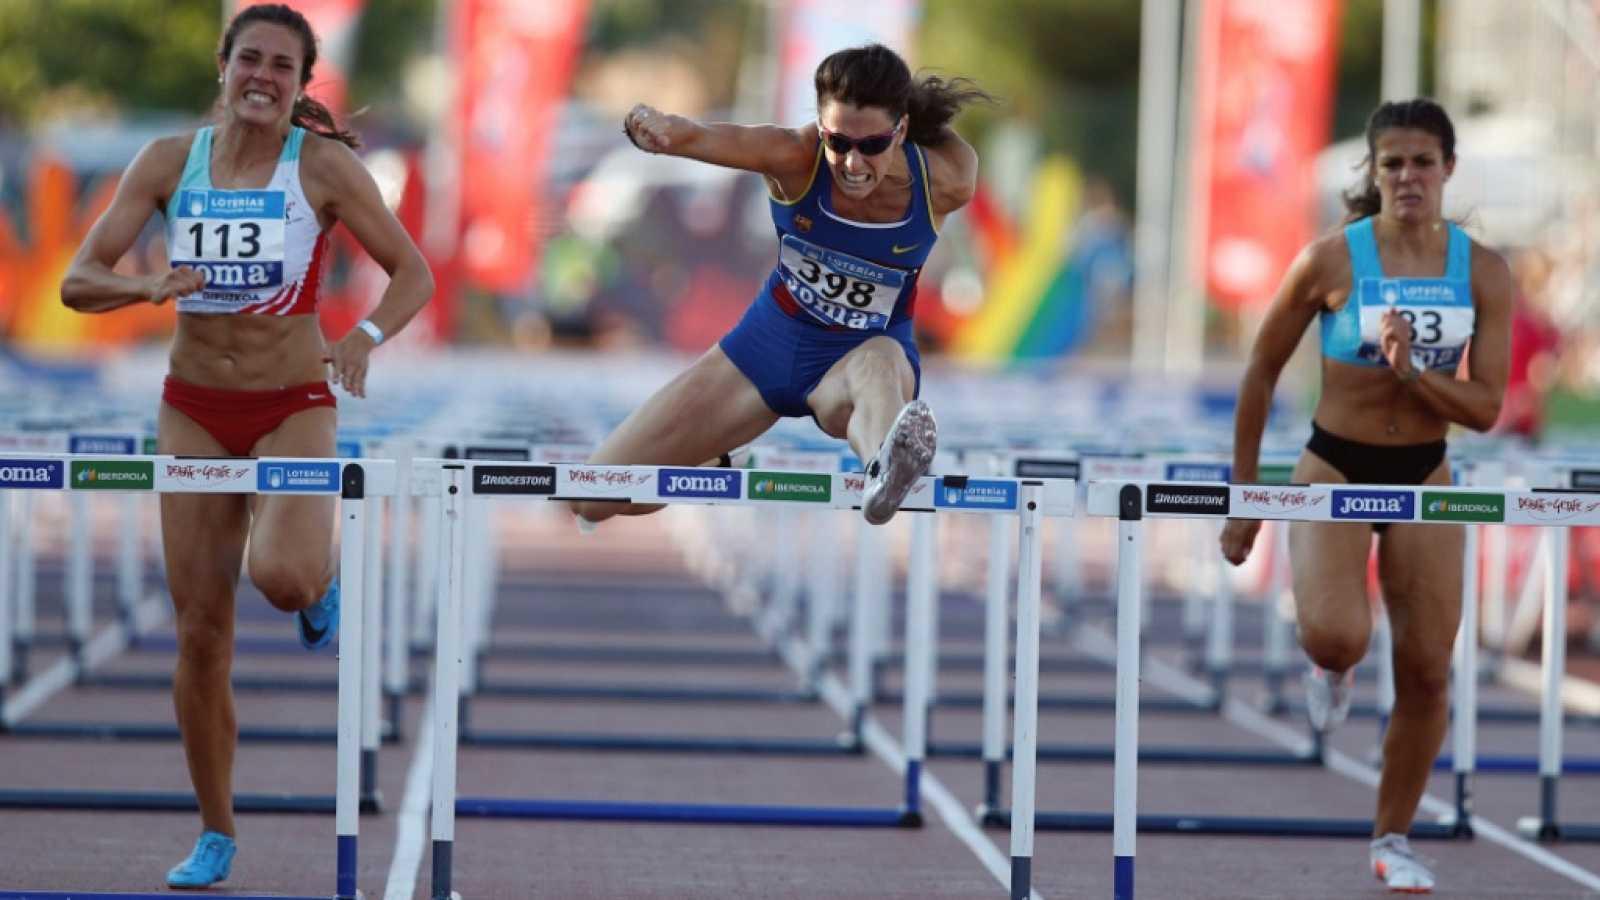 Atletismo - Campeonato de España Absoluto 2ª jornada (1) - ver ahora